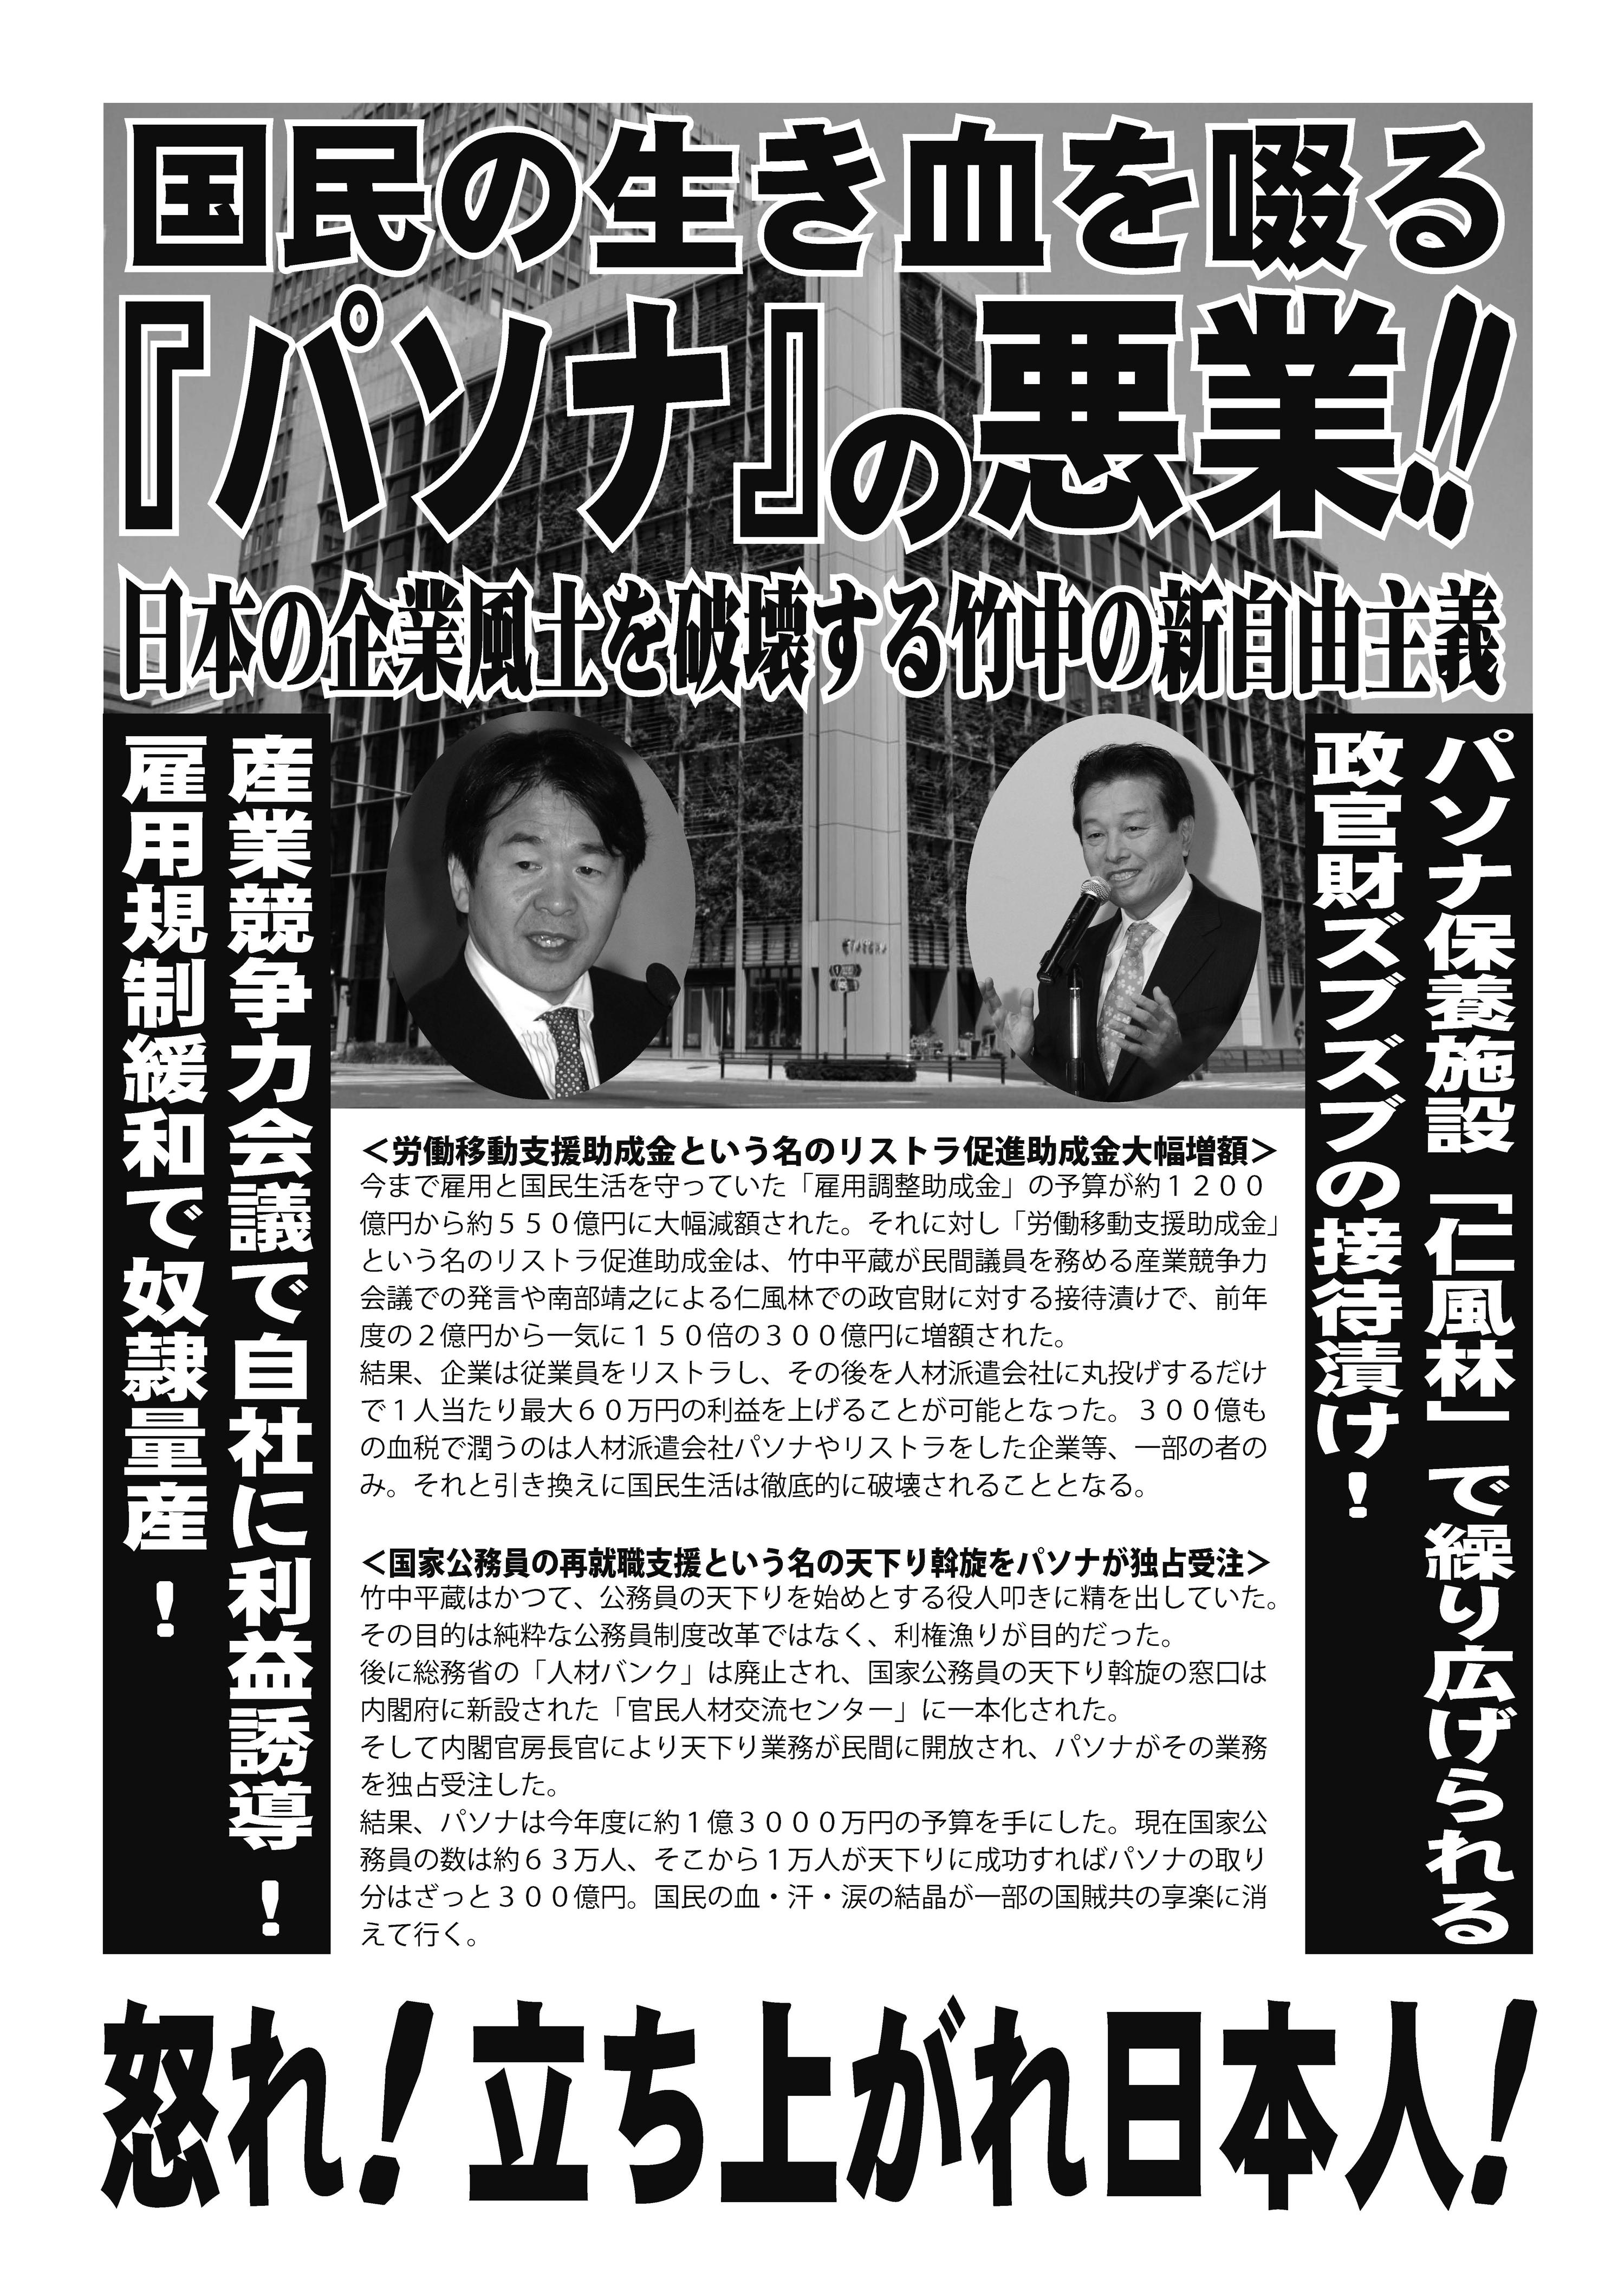 本誌編集部 パソナ、竹中平蔵への抗議街宣 訴訟に発展